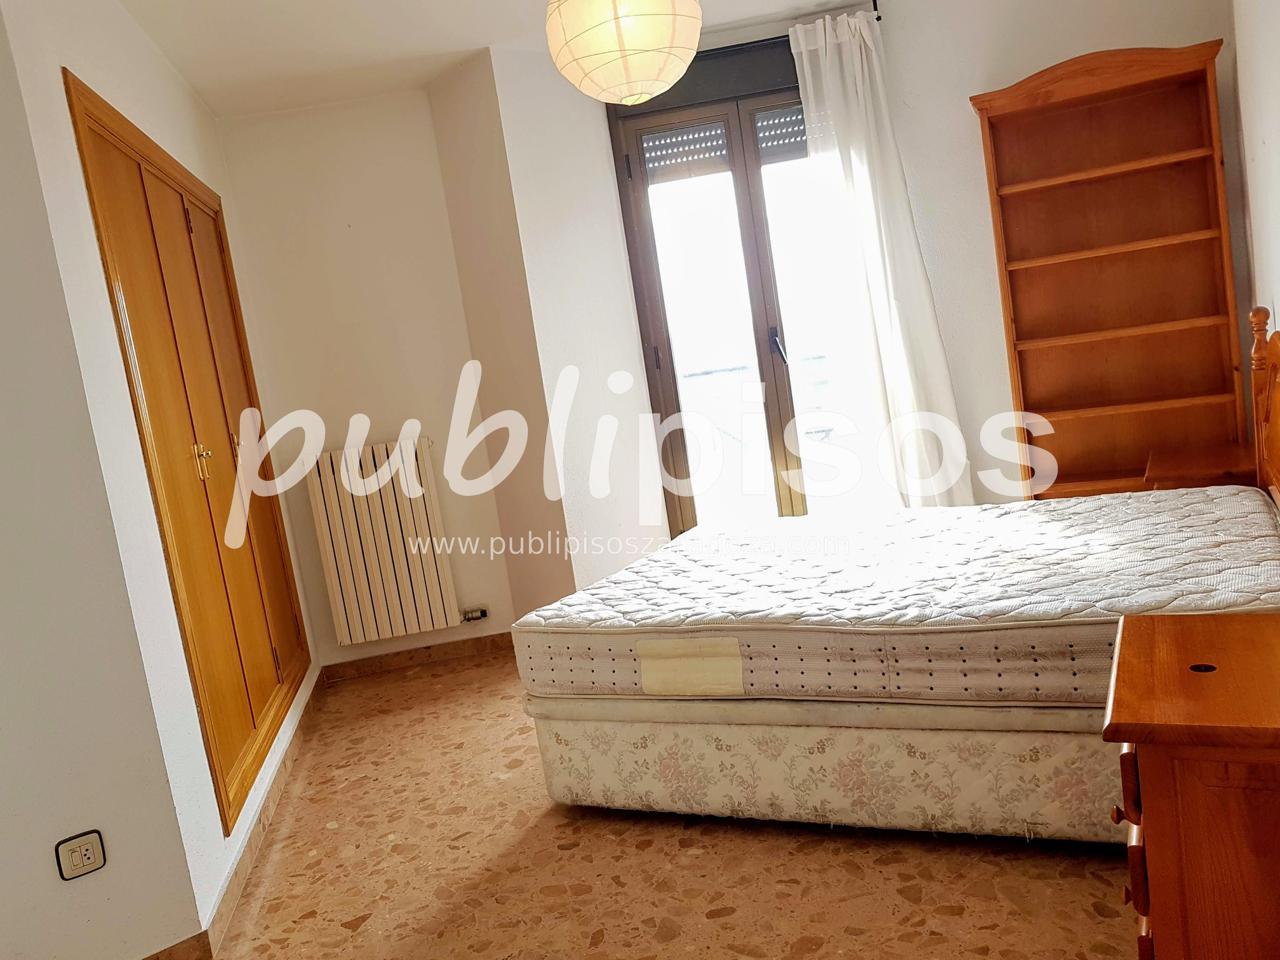 Piso alquiler con garaje y vistas centro Zaragoza-20